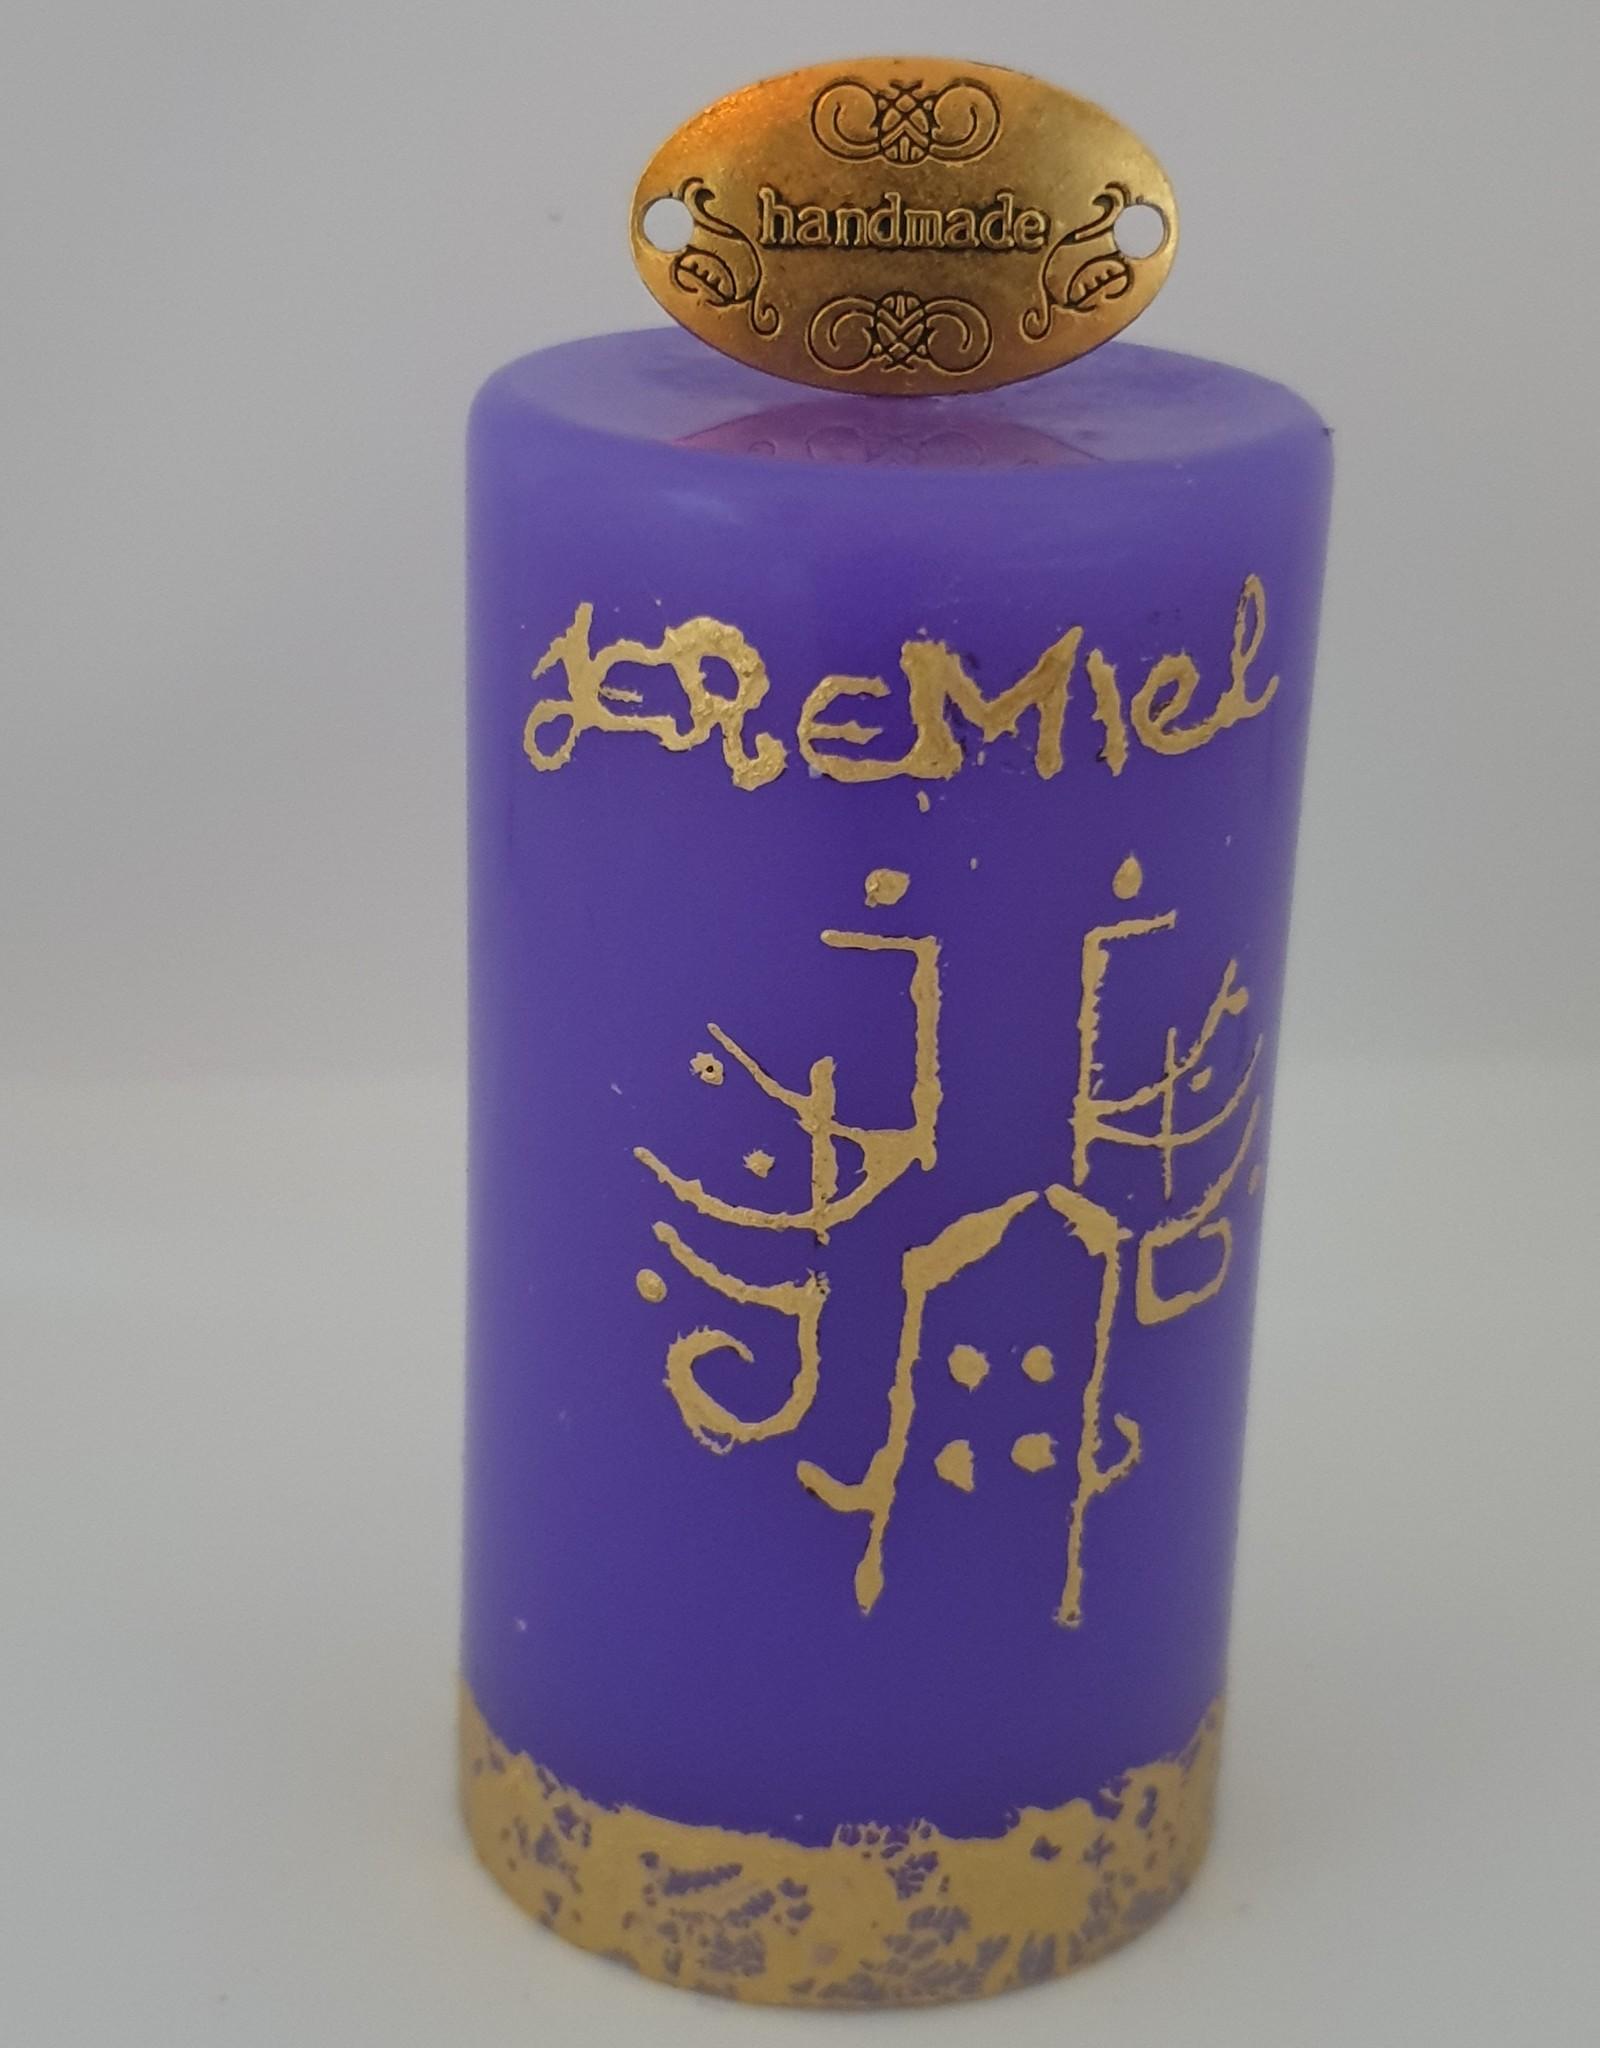 seazido - wevyra archangel Jeremiël